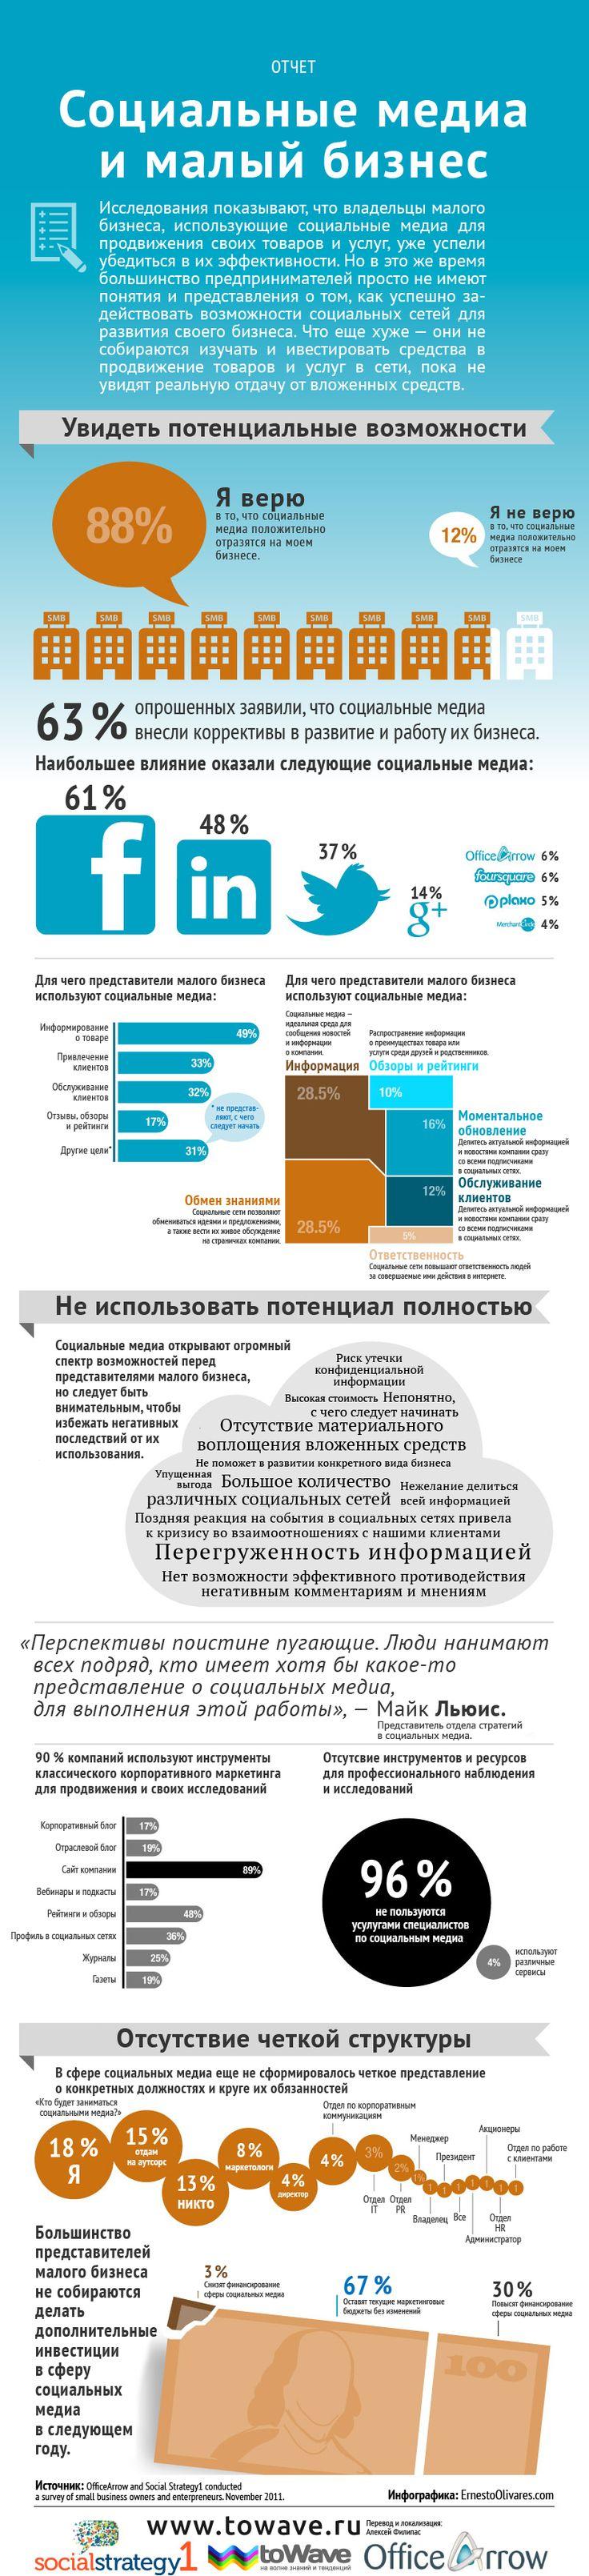 Инфографика: Социальные медиа и малый бизнес